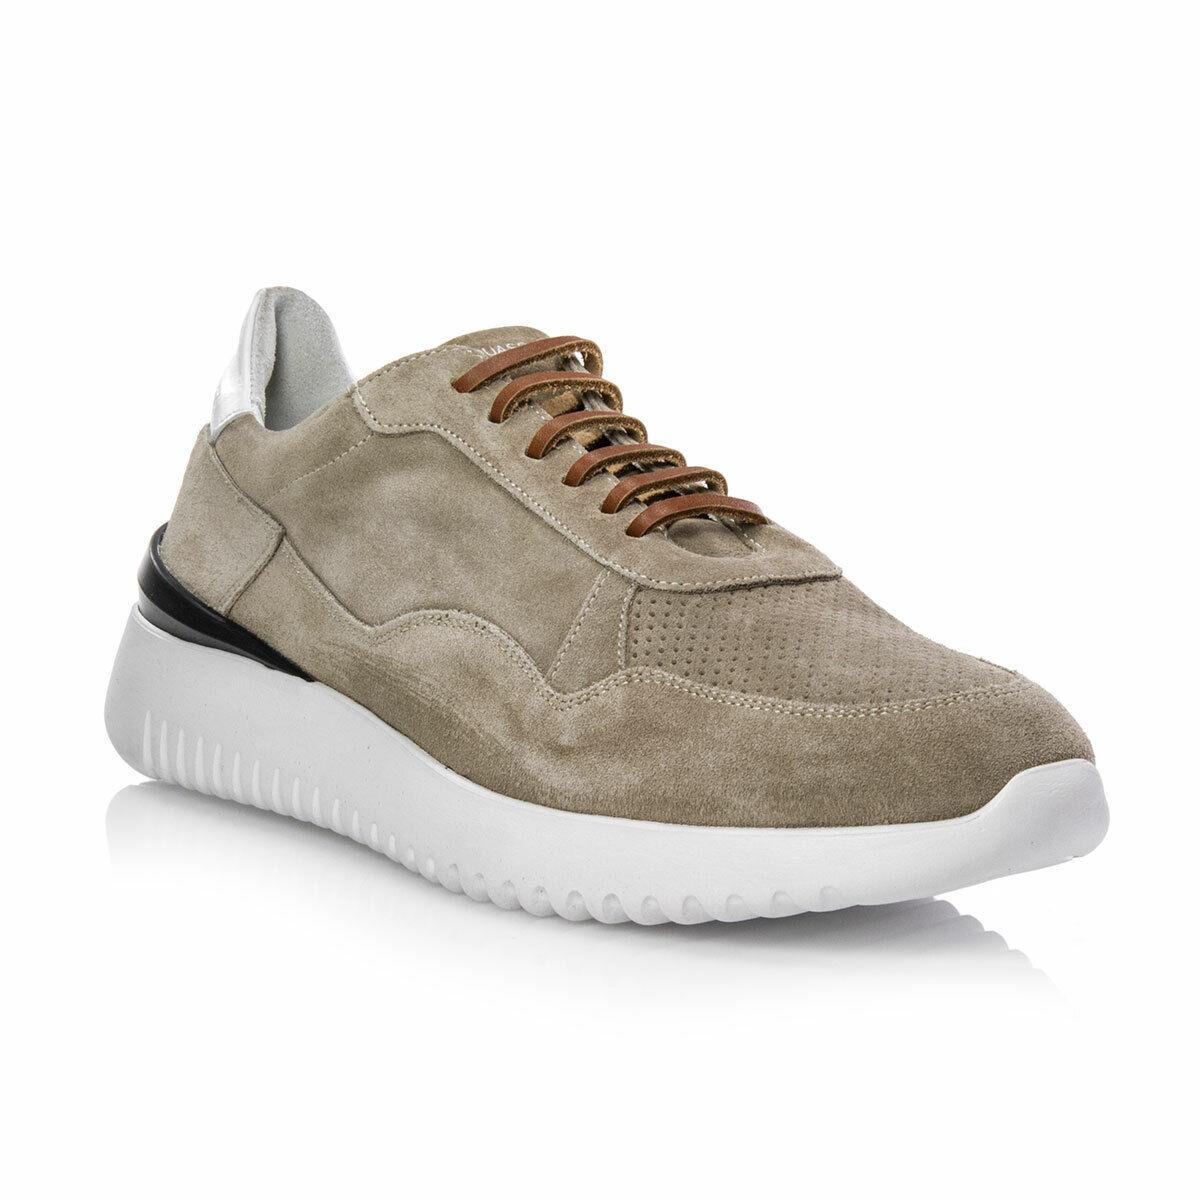 Chaussures D'Acquasparta Homme à 1.0 Velour Tourterelle